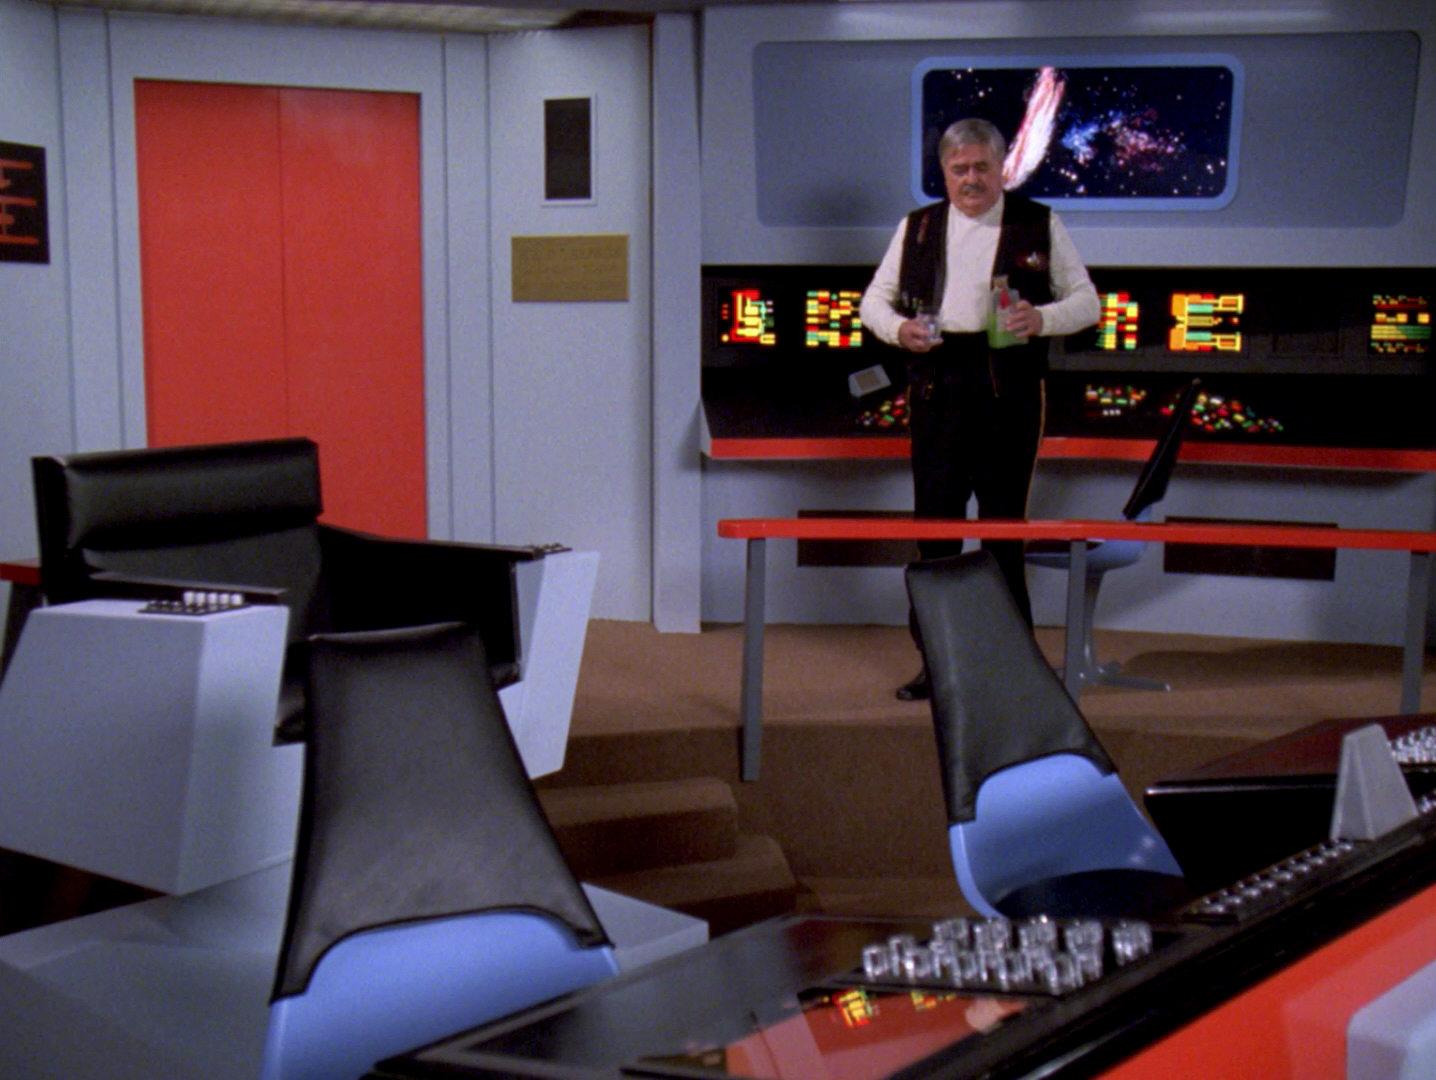 Ex Astris Scientia - The Visual Continuity of Star Trek